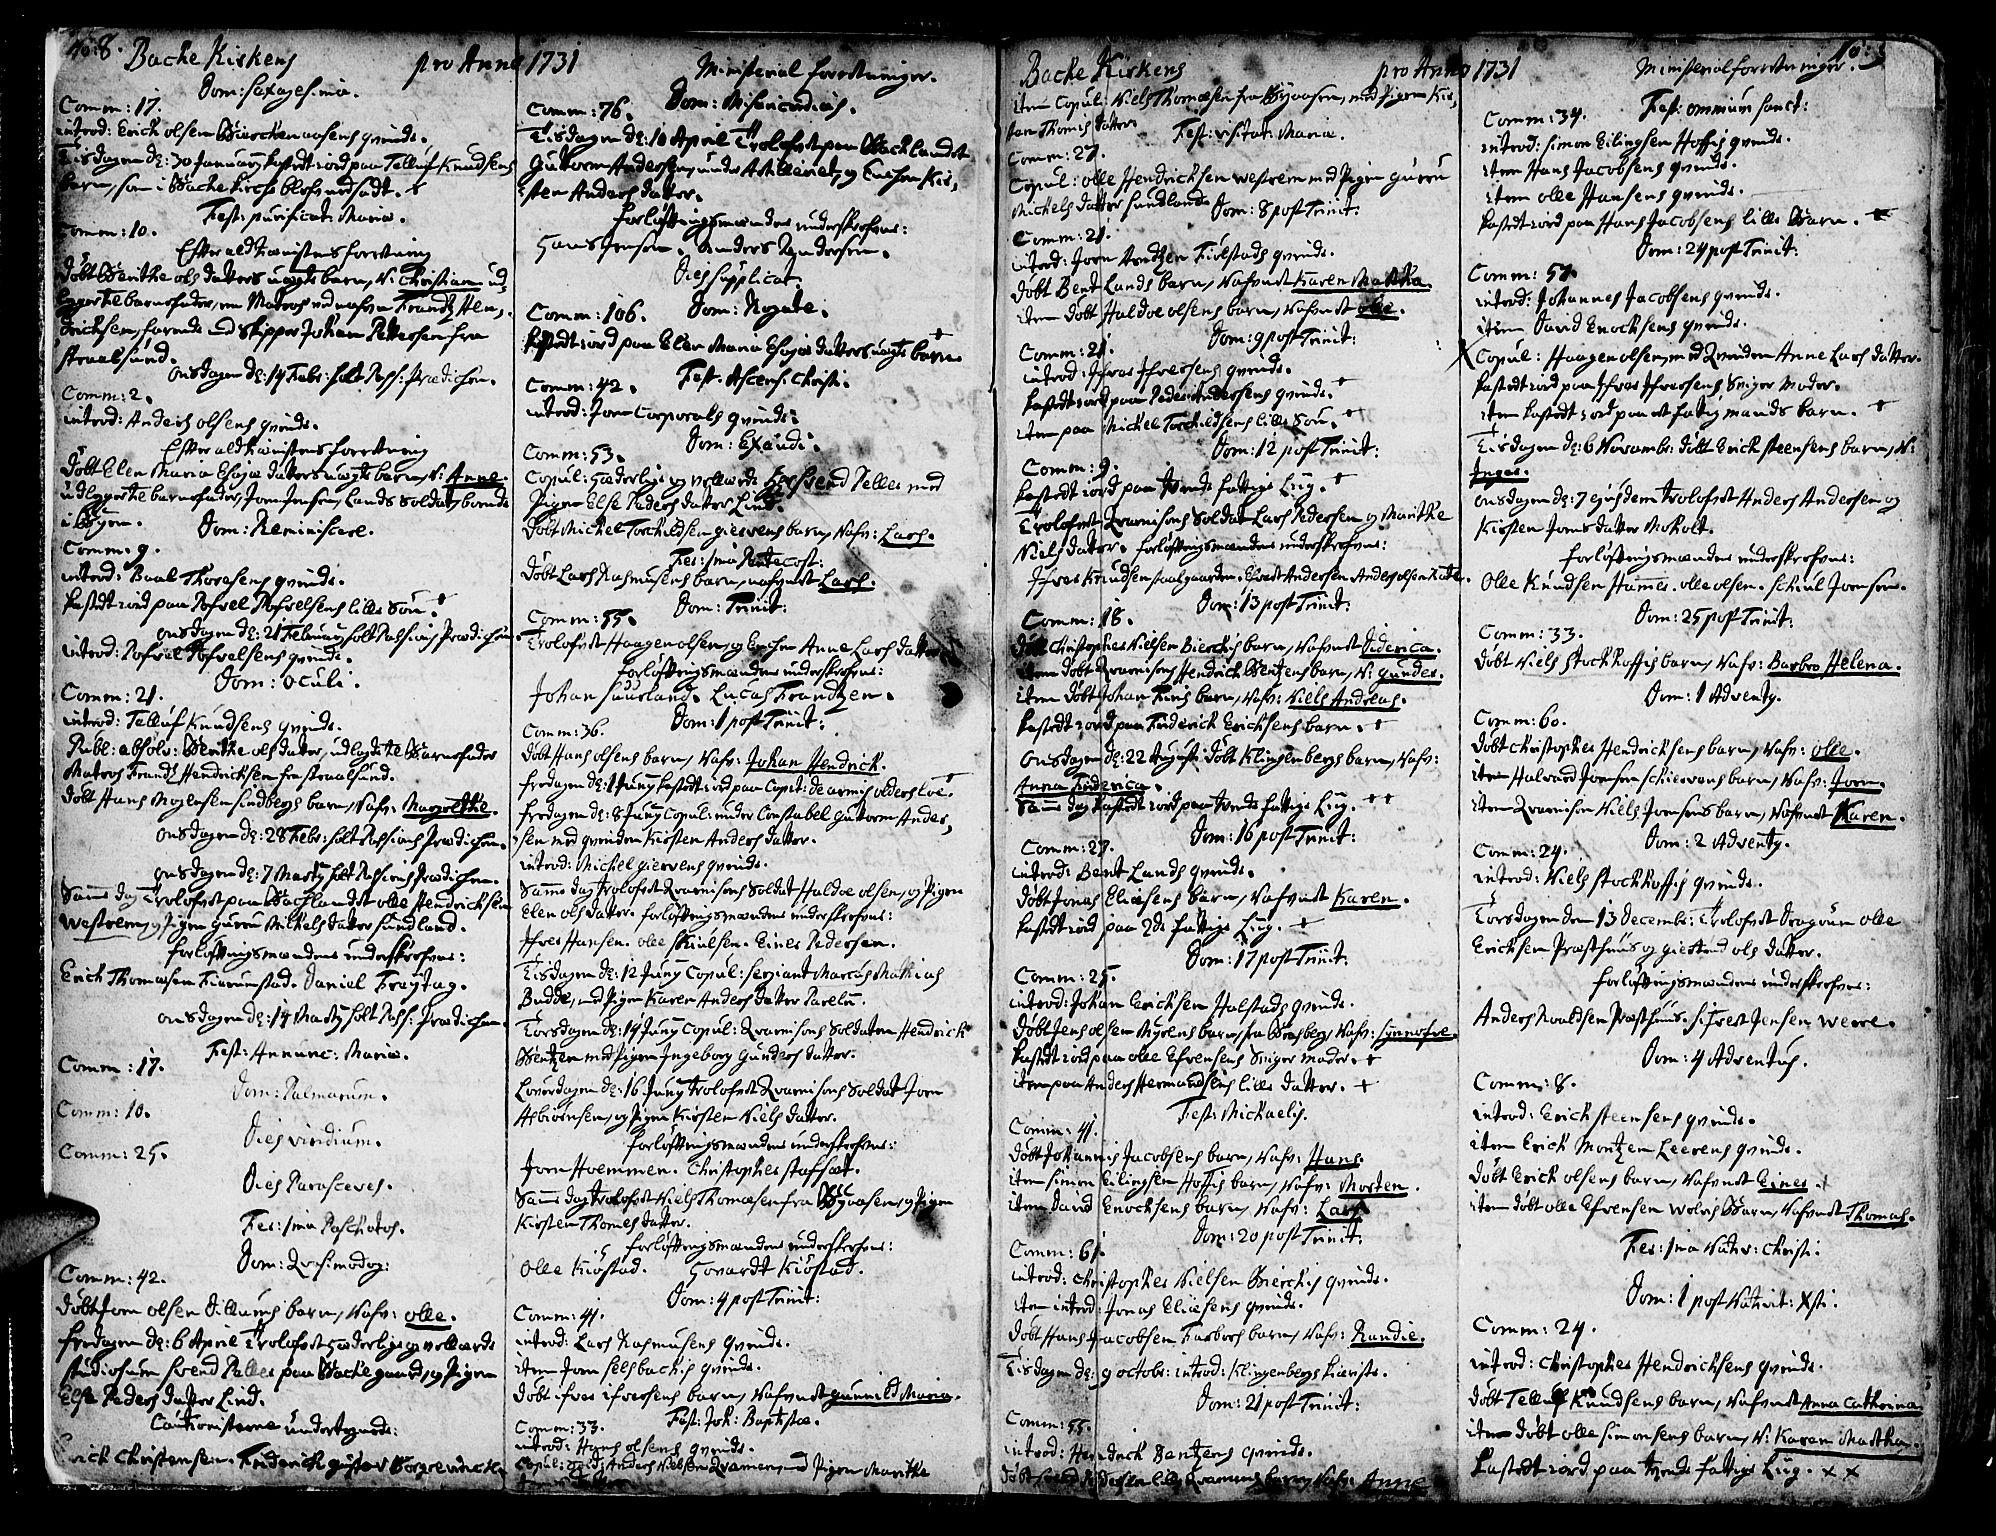 SAT, Ministerialprotokoller, klokkerbøker og fødselsregistre - Sør-Trøndelag, 606/L0276: Ministerialbok nr. 606A01 /2, 1727-1779, s. 8-9